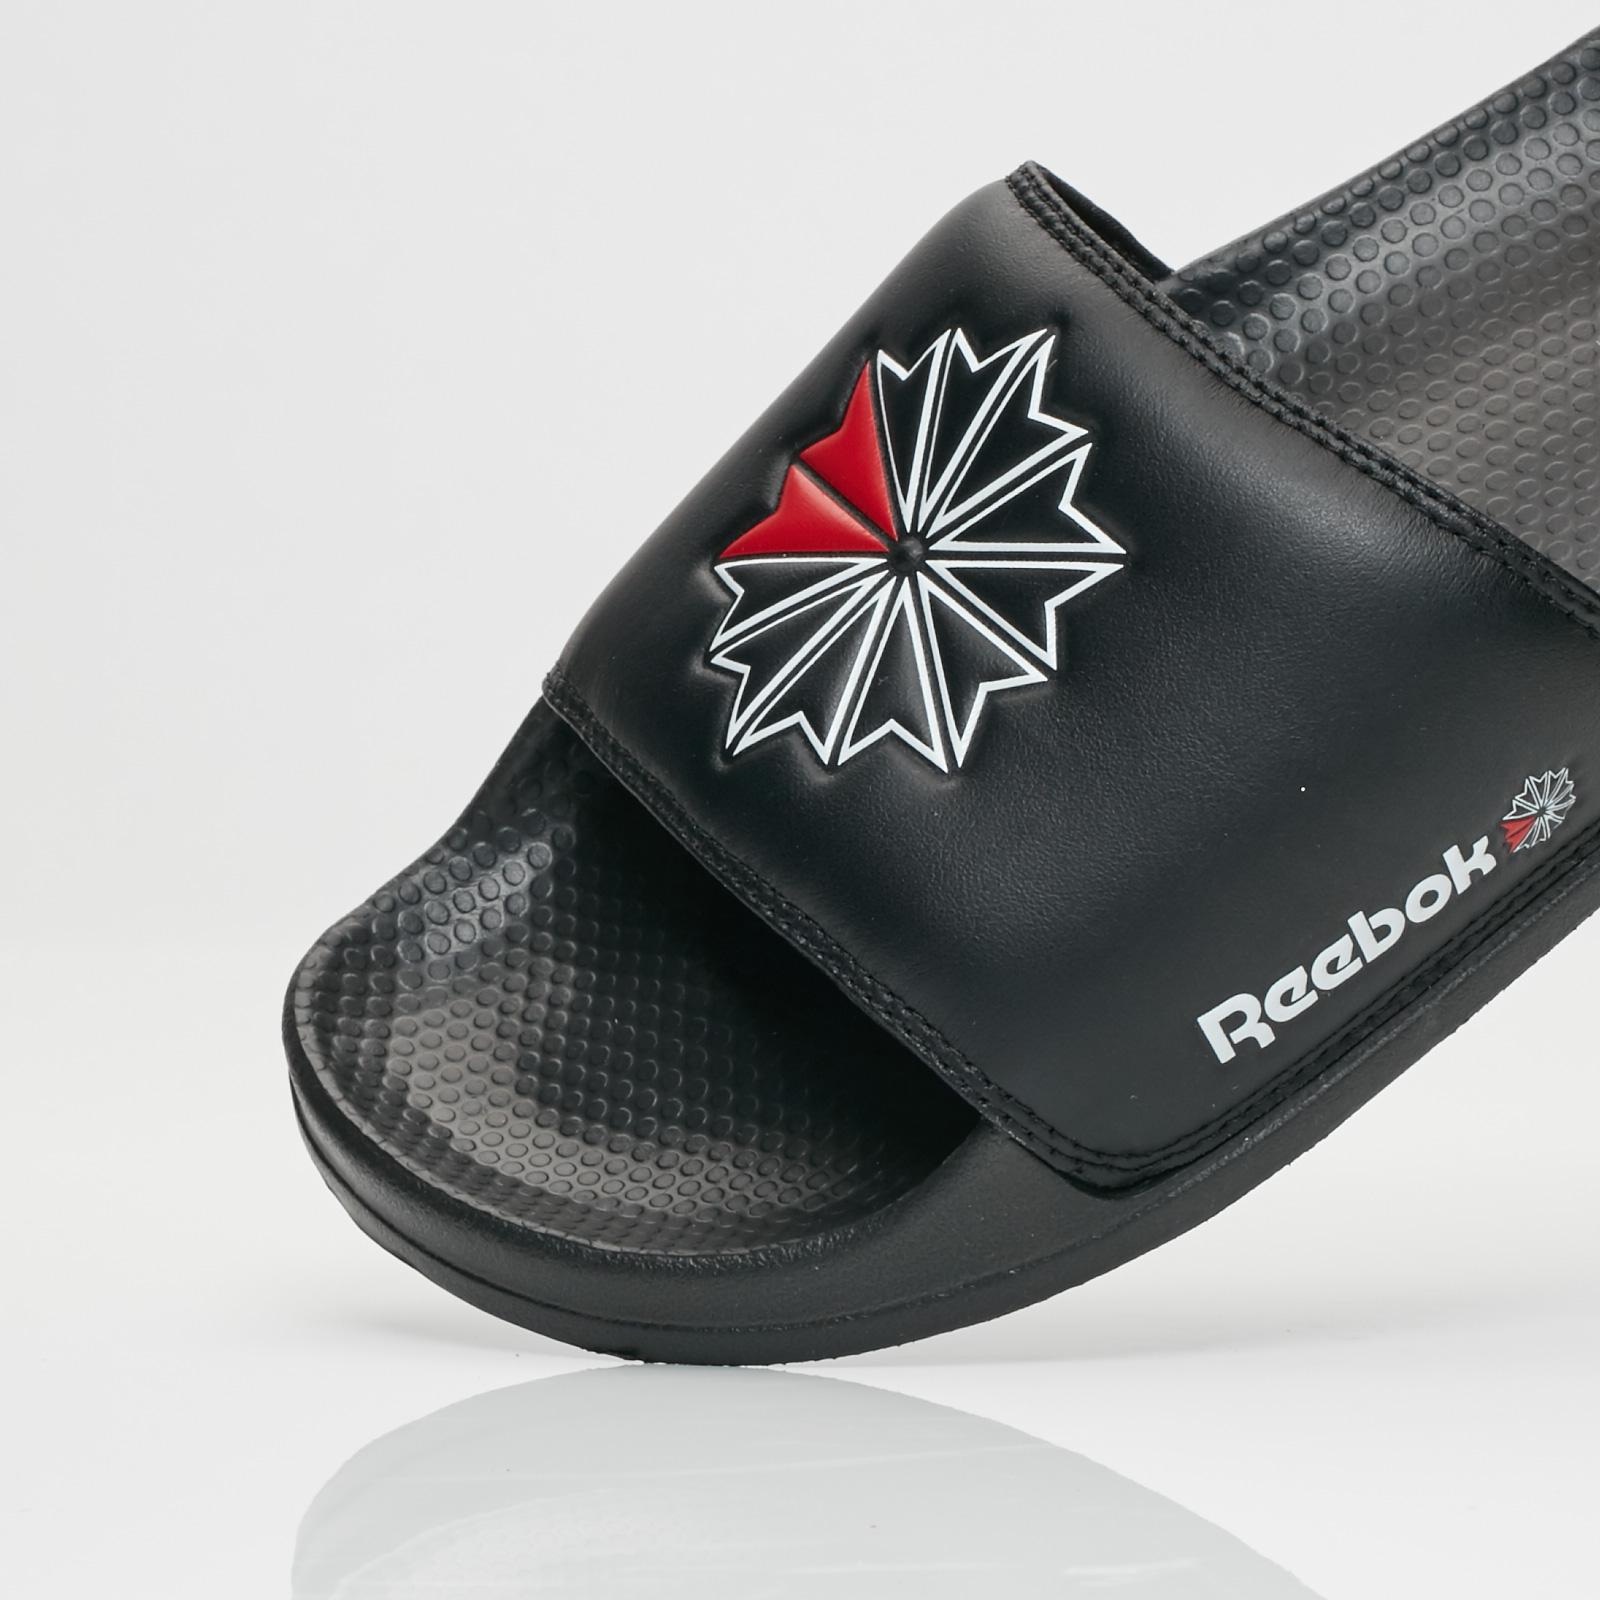 Reebok Classic Slide - Cn0739 - Sneakersnstuff  d2282db68